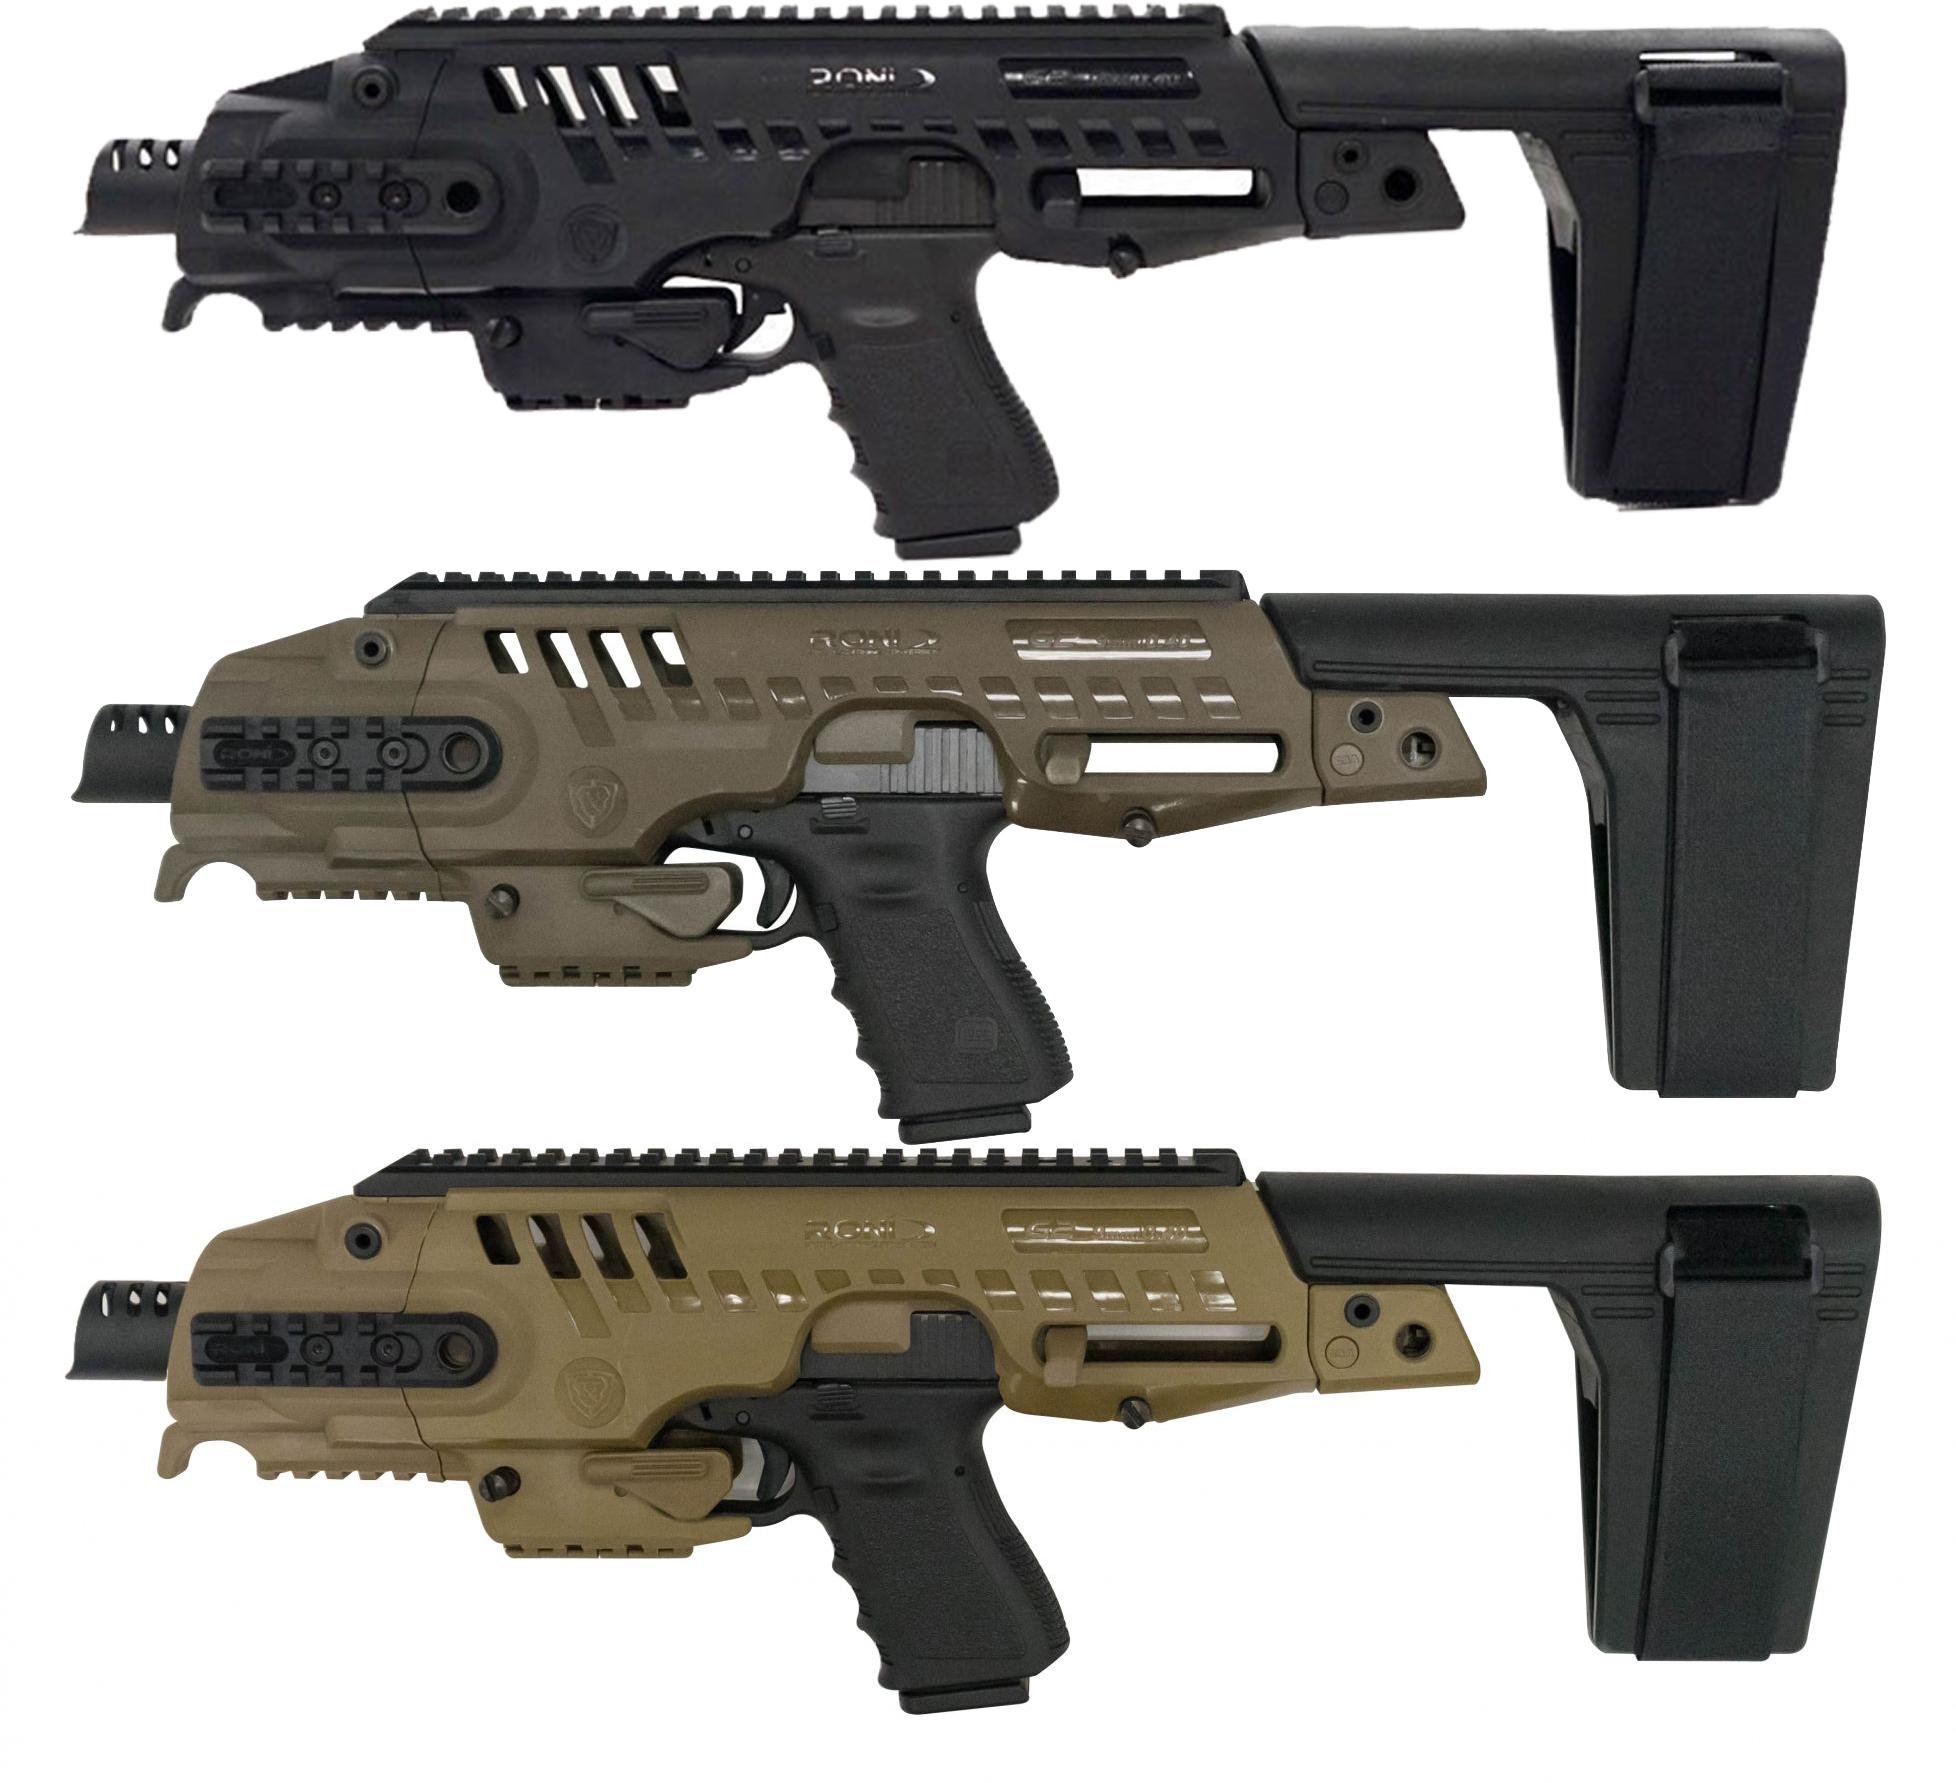 CAA Micro Roni Stabilizer Pistol Carbine Conversion for Glock - Non NFA